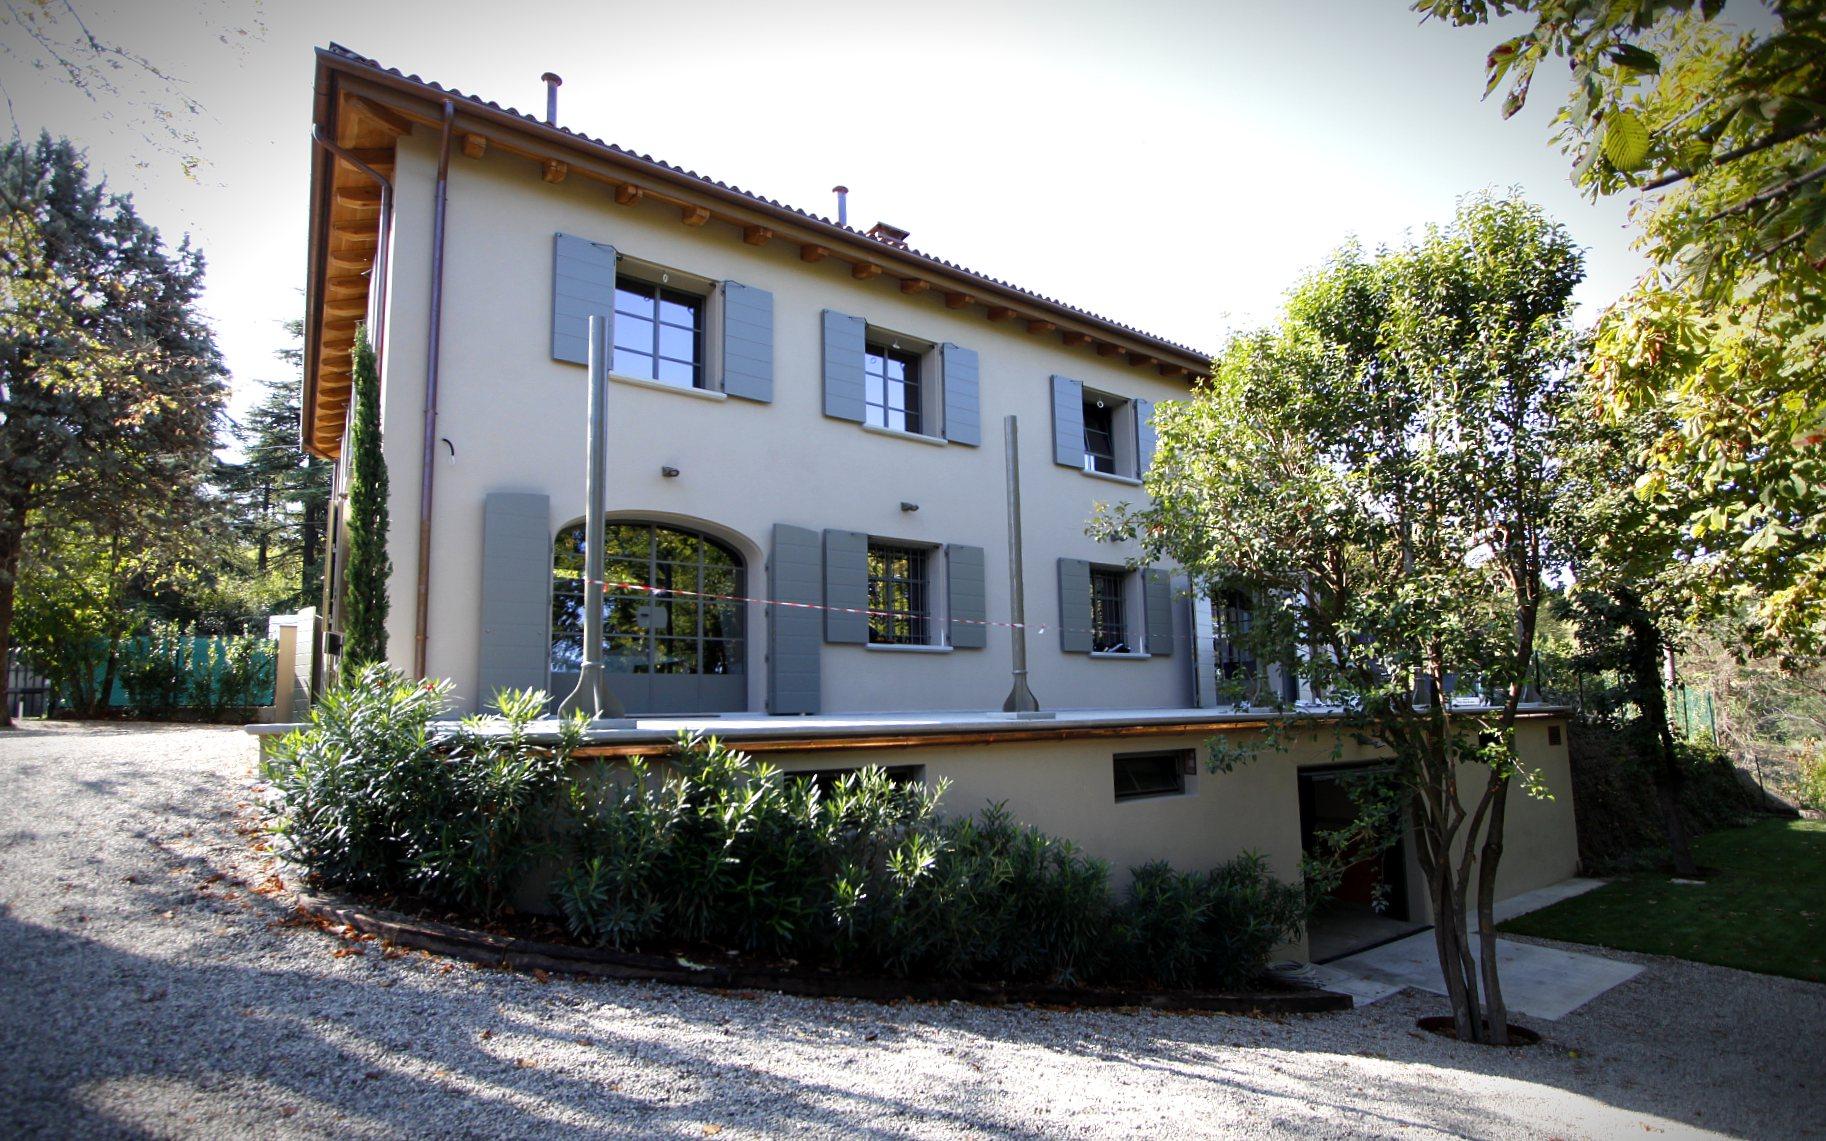 Costruzione nuova abitazione di pregio in San Lorenzo in Collina (BO) - ITON SRL